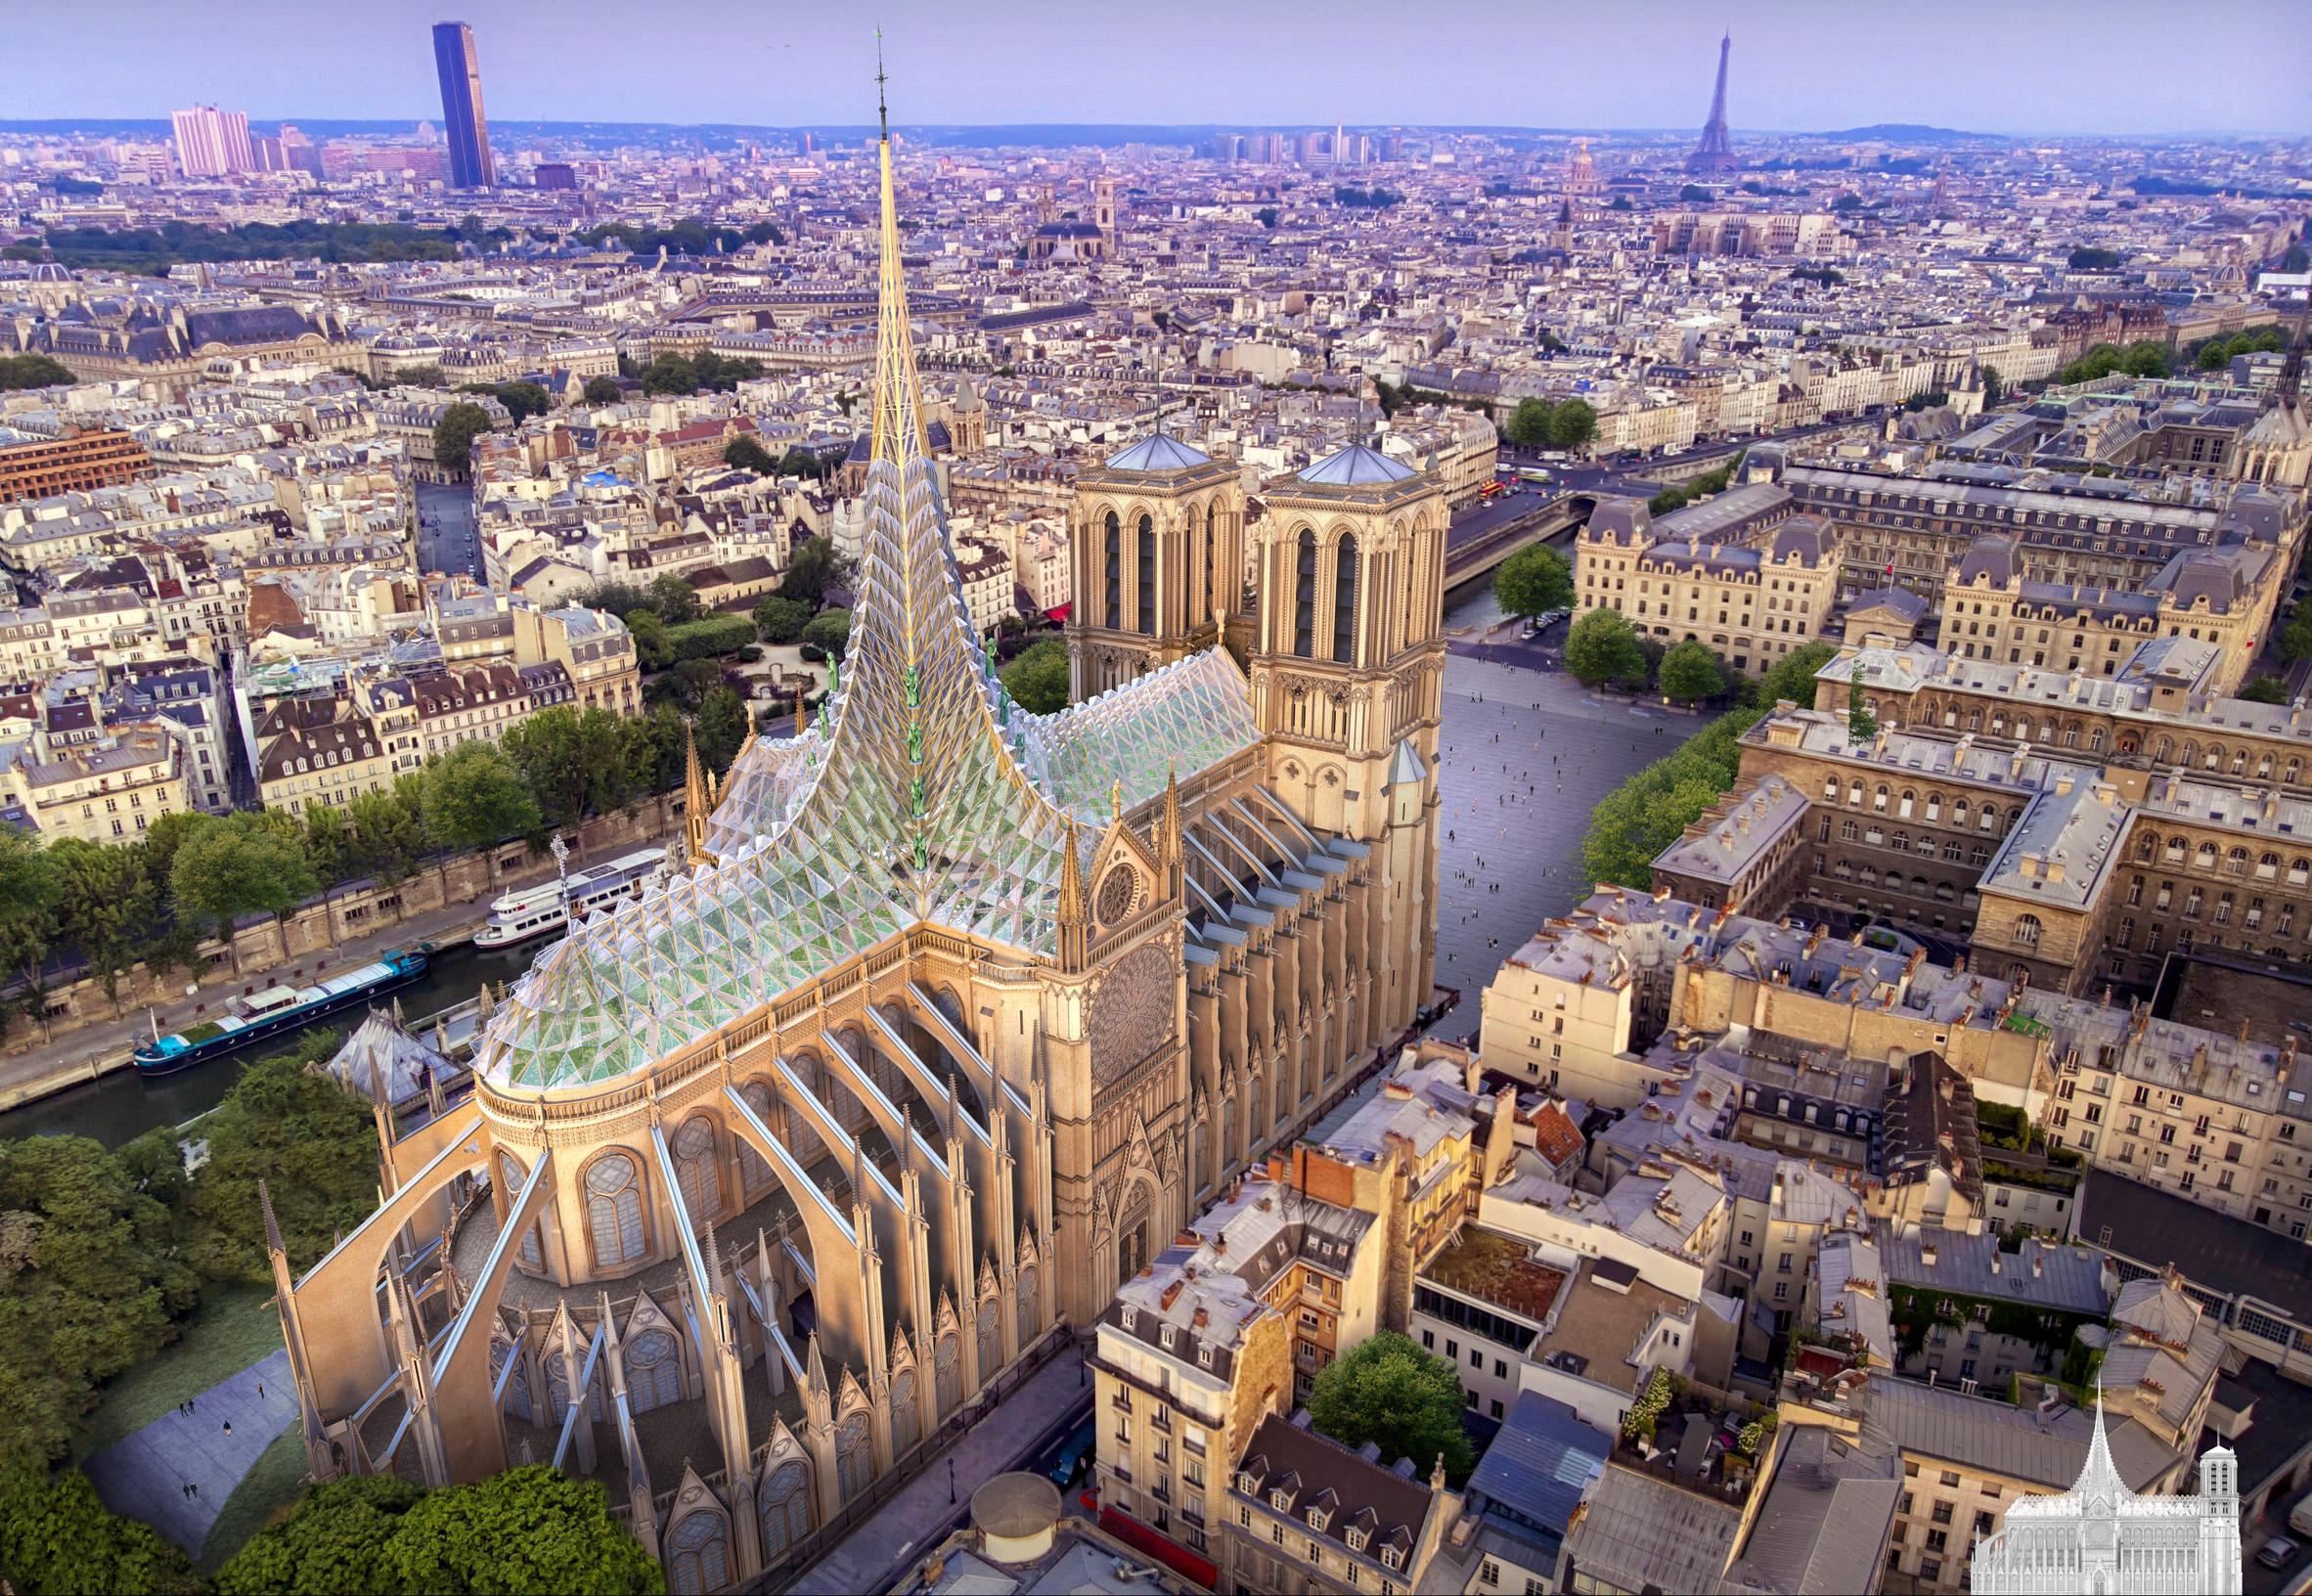 notre-dame-roof-spire-proposal-vincent-callebaut_dezeen__dezeen_2364_col_0.jpg